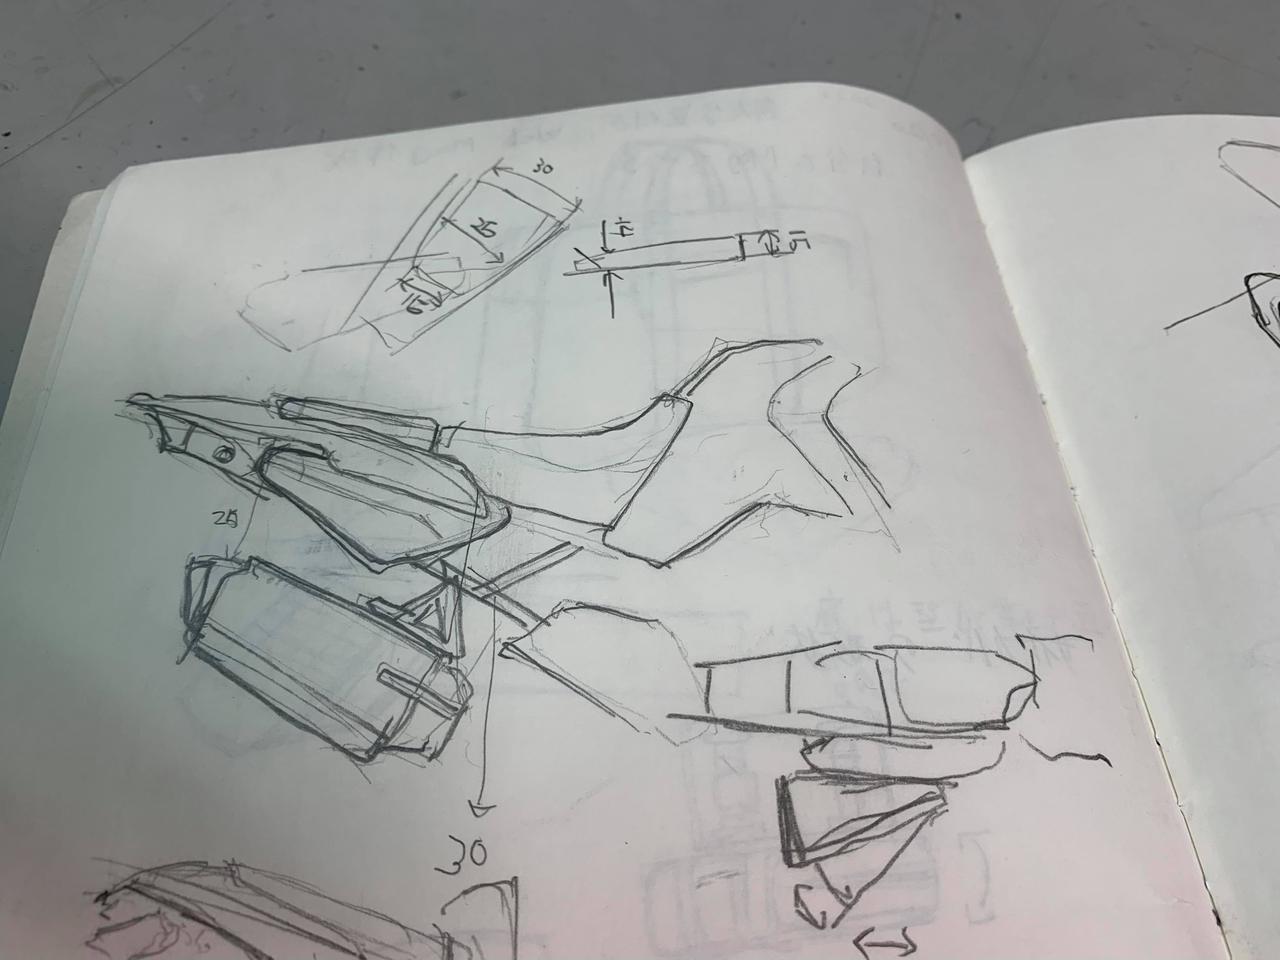 画像: 究極のツーリングバッグ造り 第2回はこちら - webオートバイ